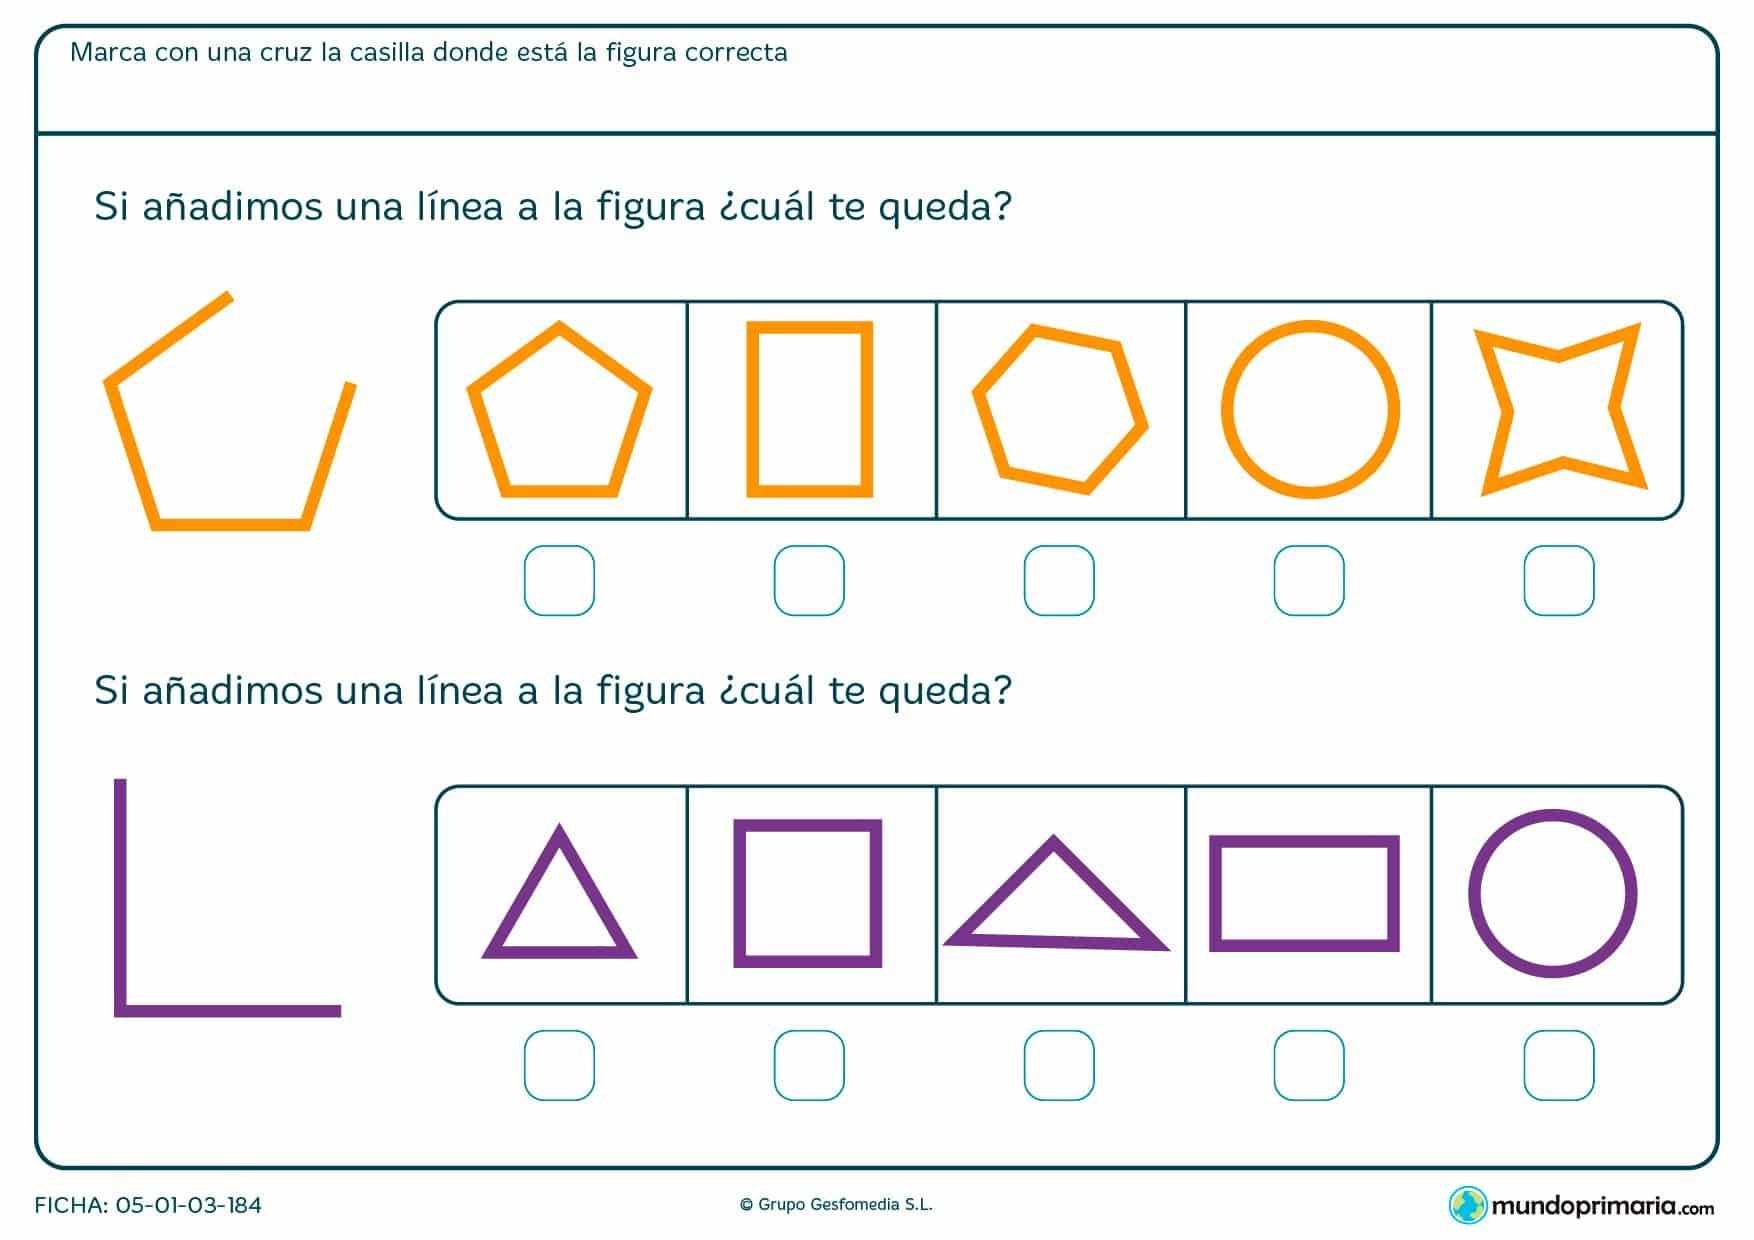 Ficha de completar pentágono y triángulo según las líneas que se indiquen en el enunciado.